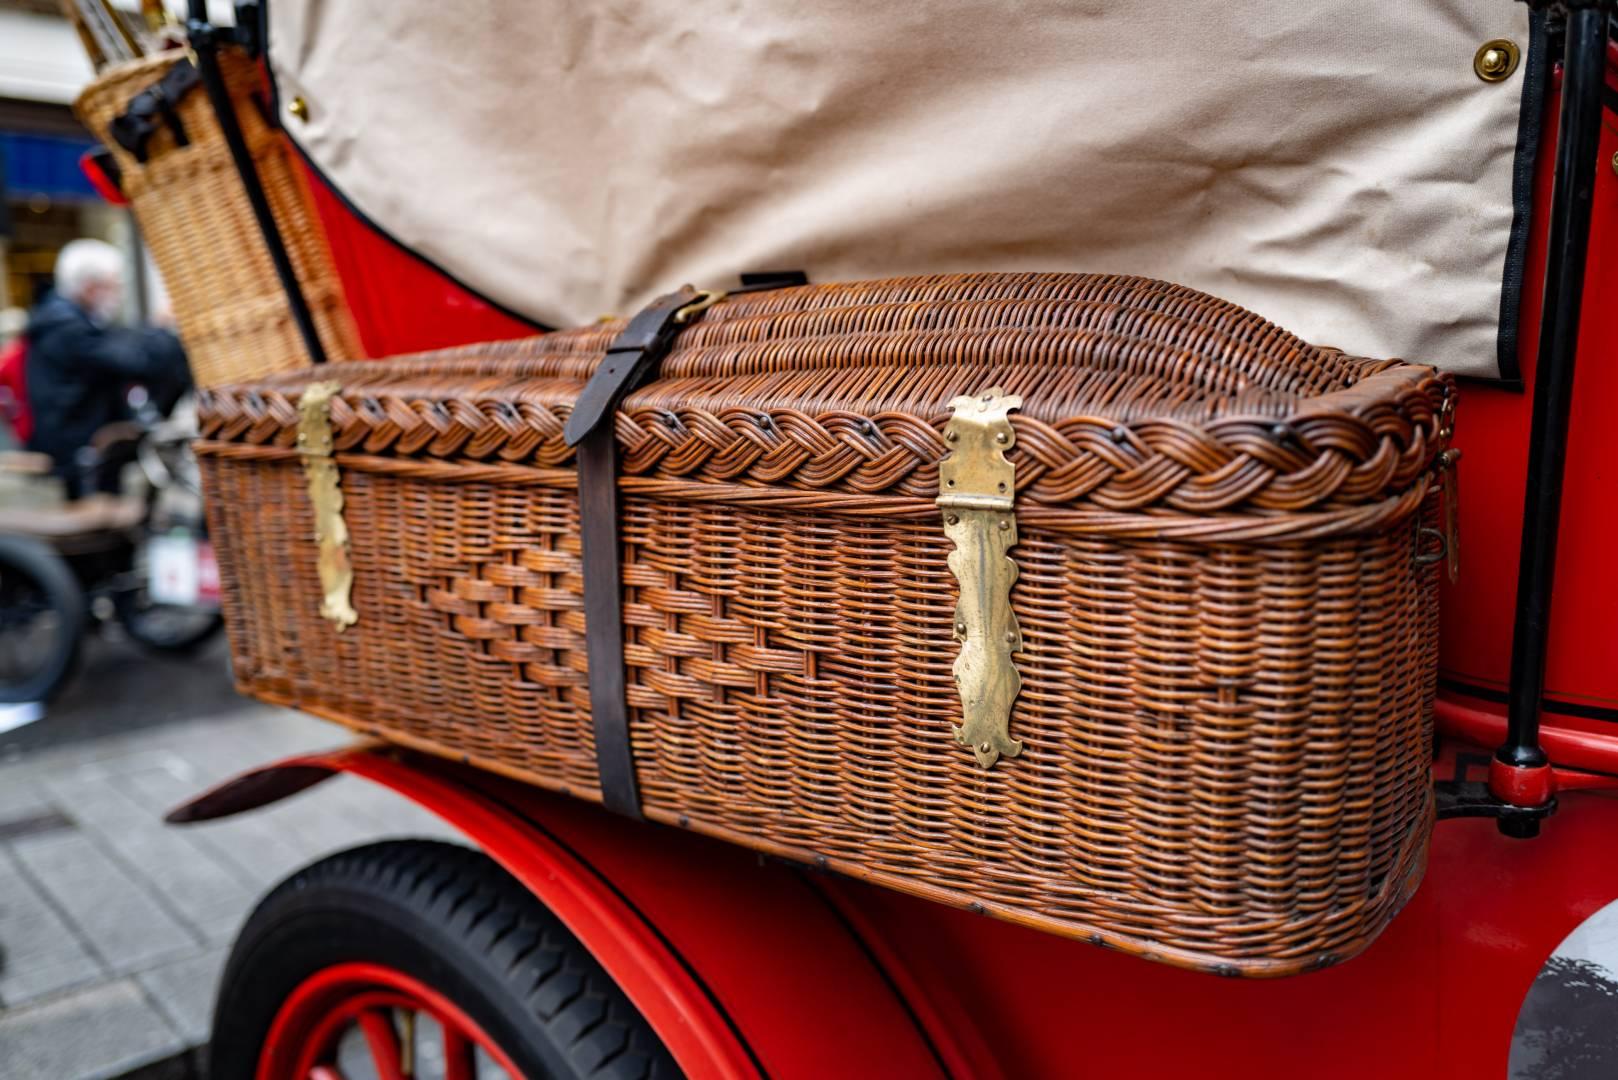 Wicker hamper for convenient roadside picnics